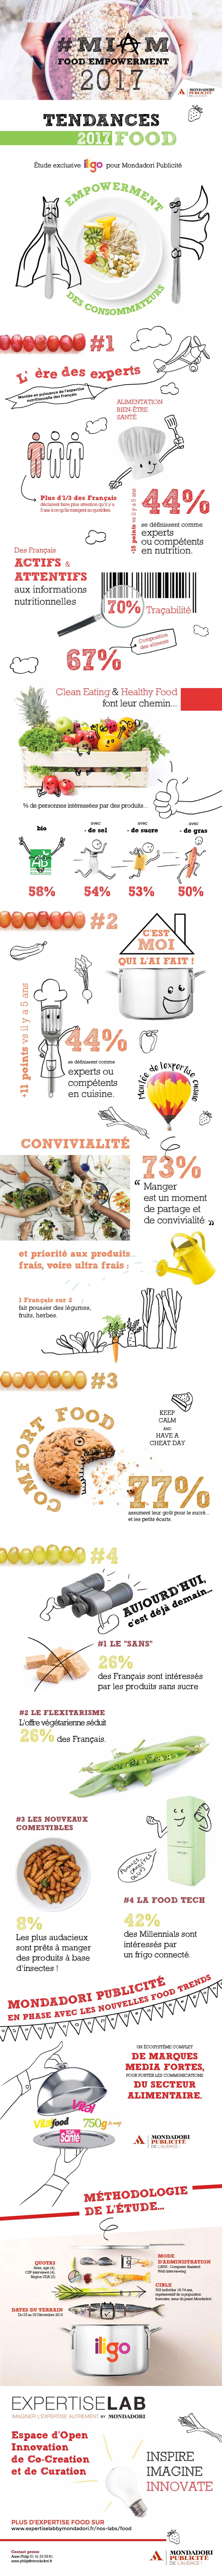 Infographie-FOOD-2017-v6